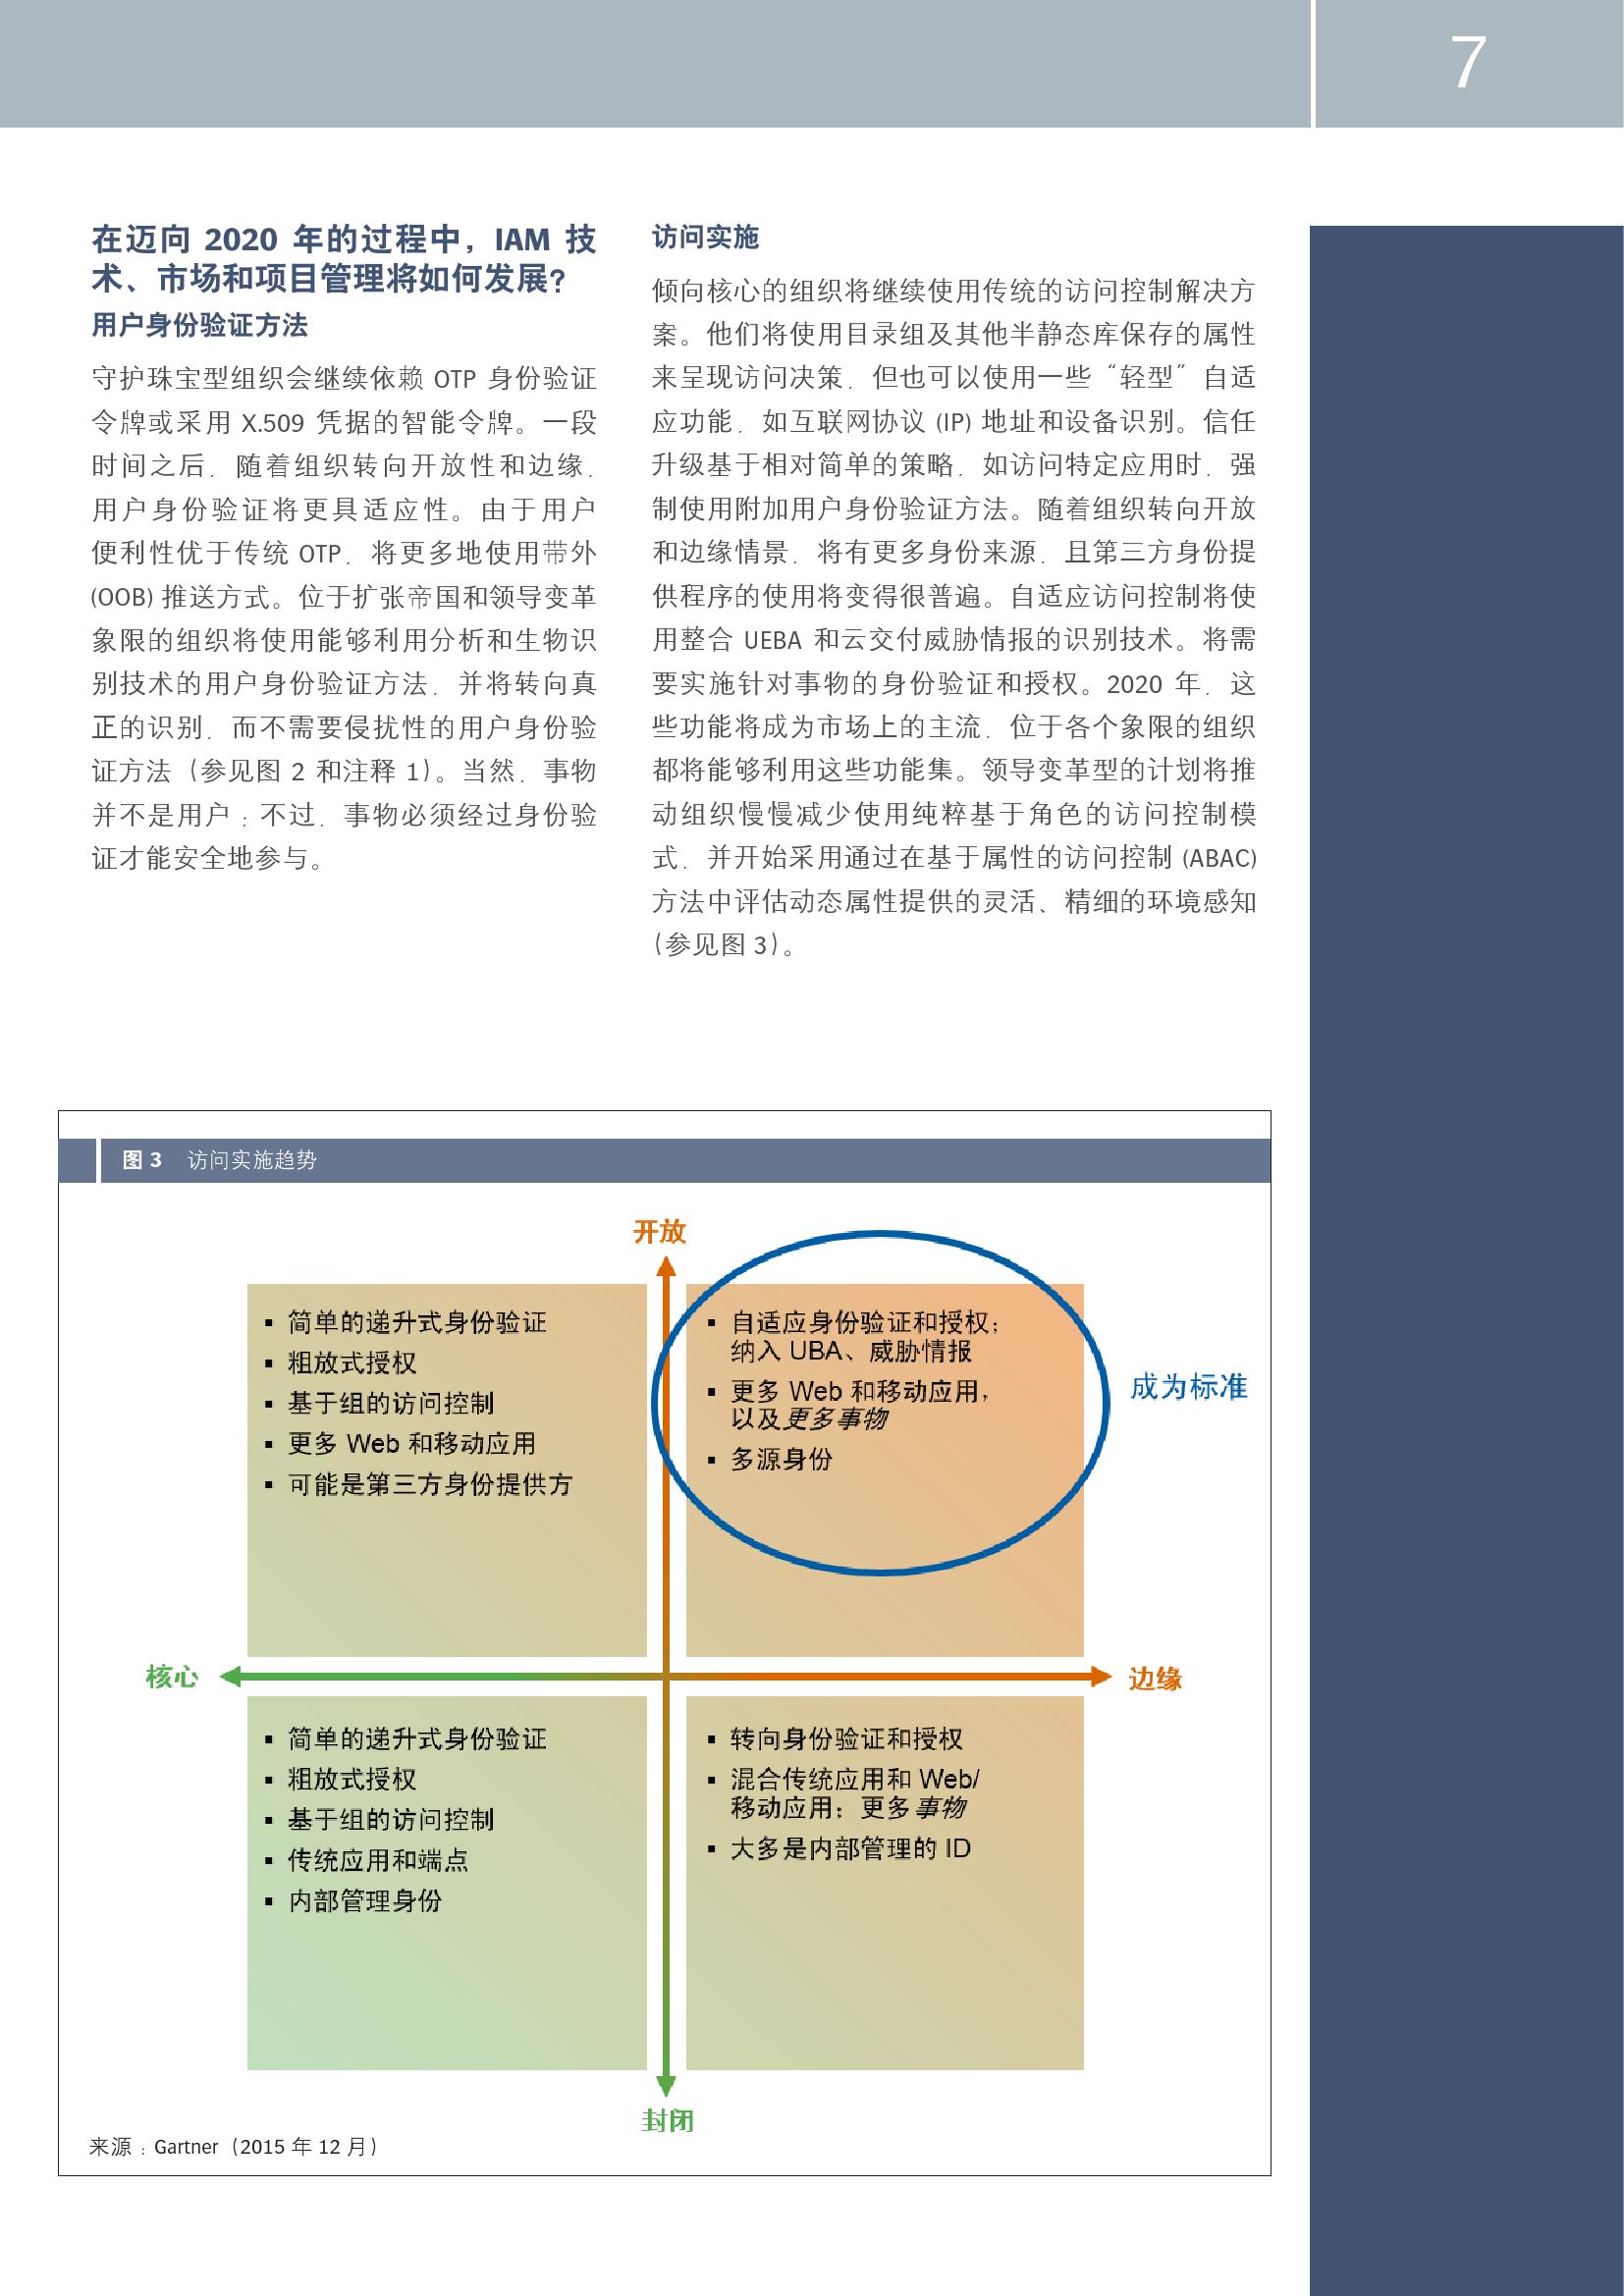 中国企业市场前瞻_000007